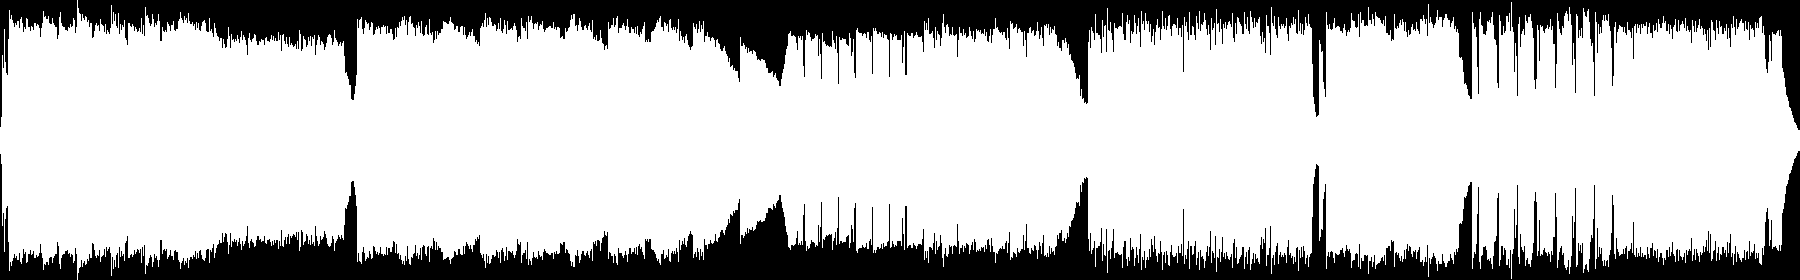 Tunecraft Billboard Guitars audio waveform